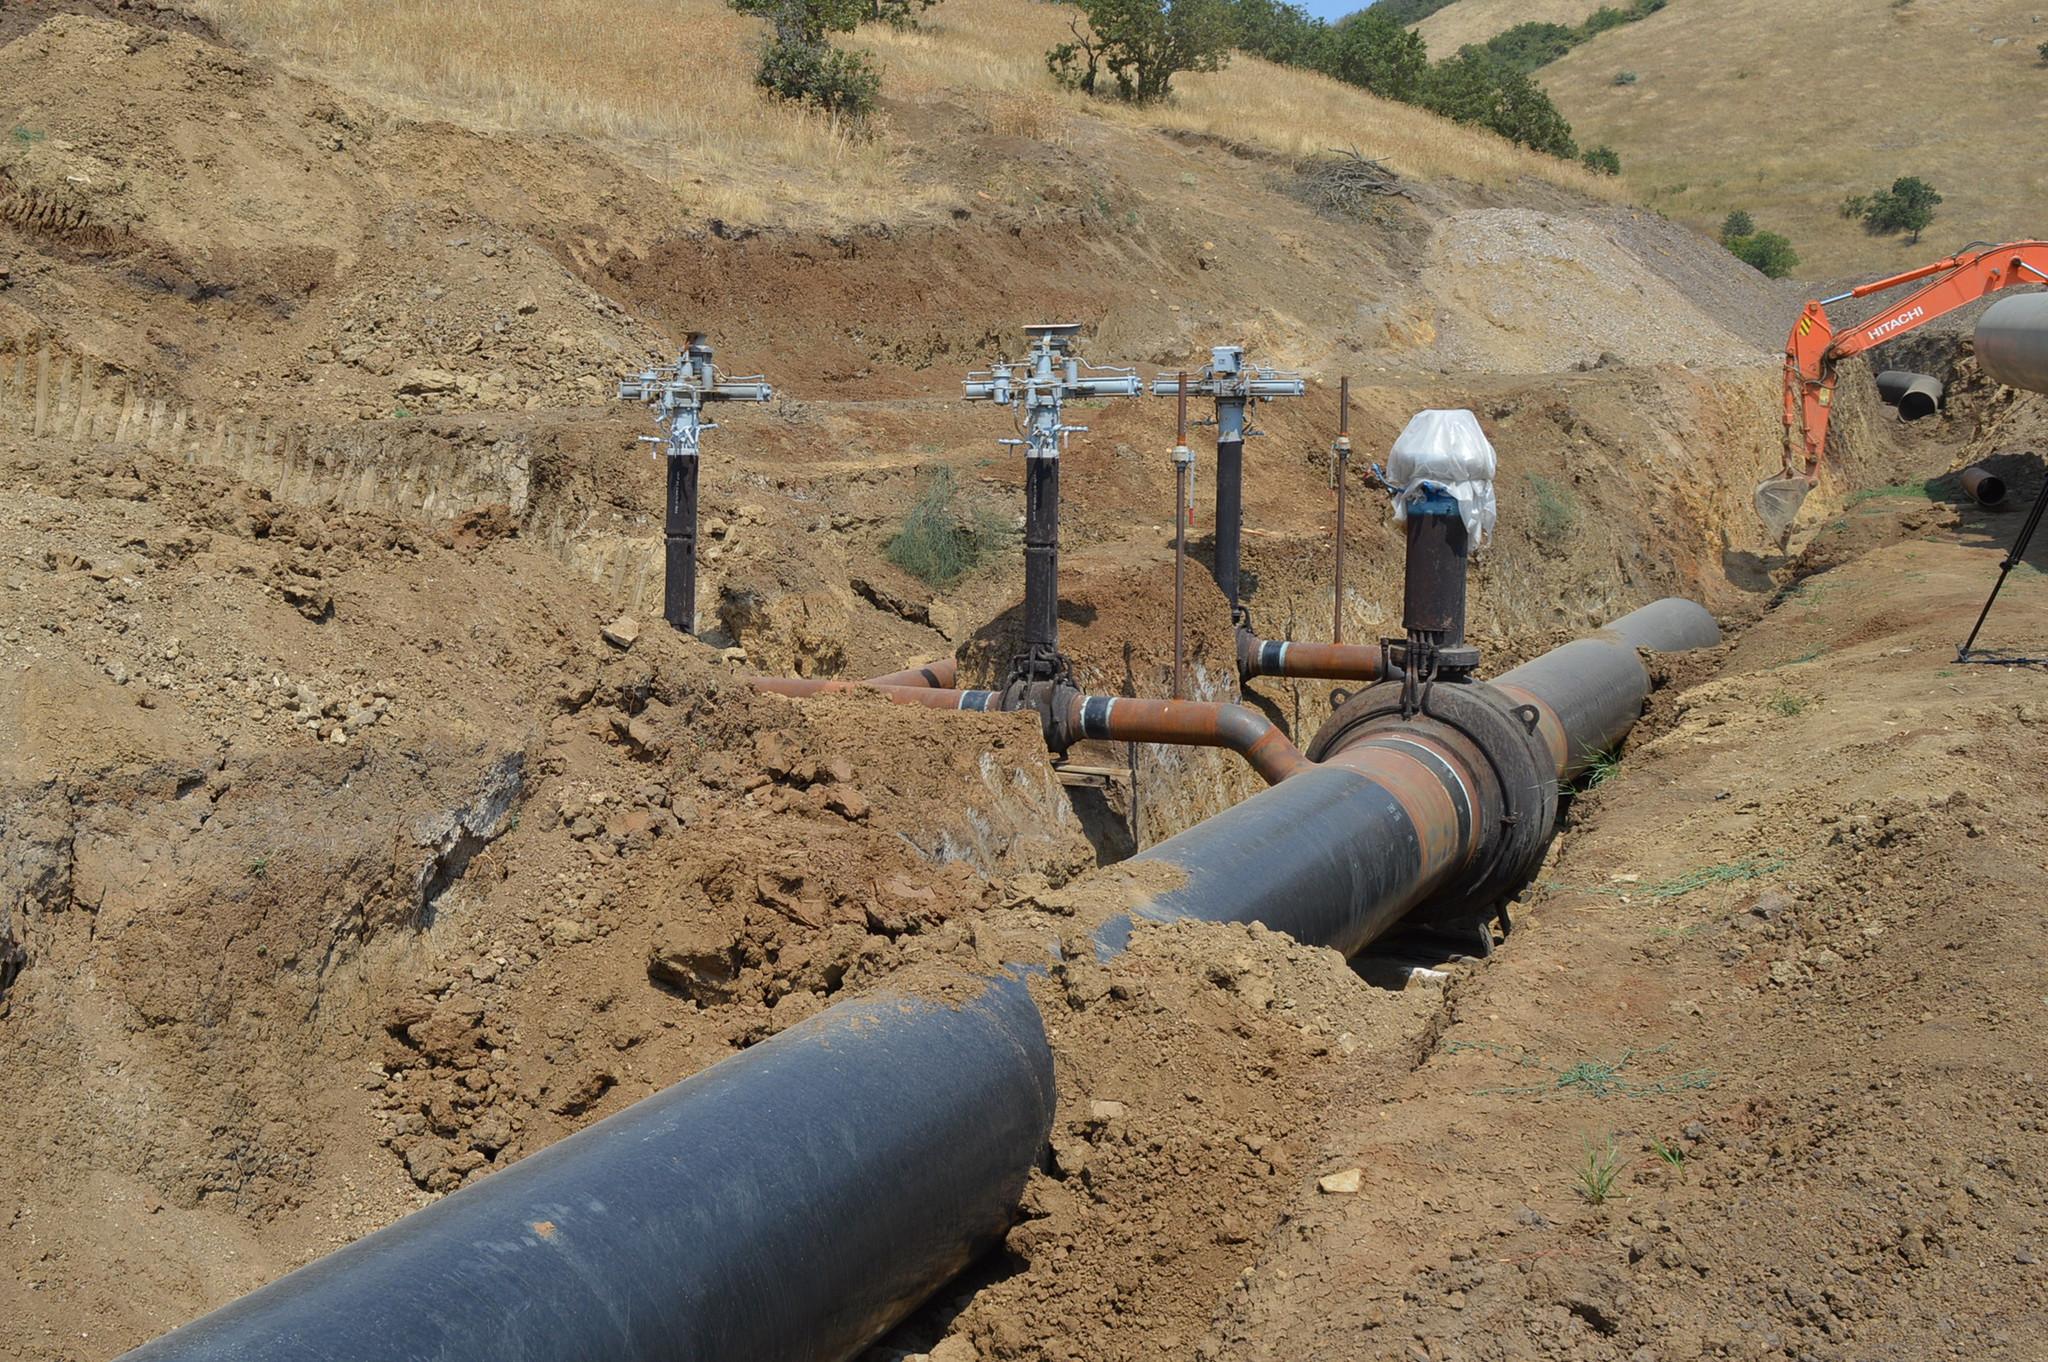 балерина говорит, демонтаж надземного газопровода картинки некоторым